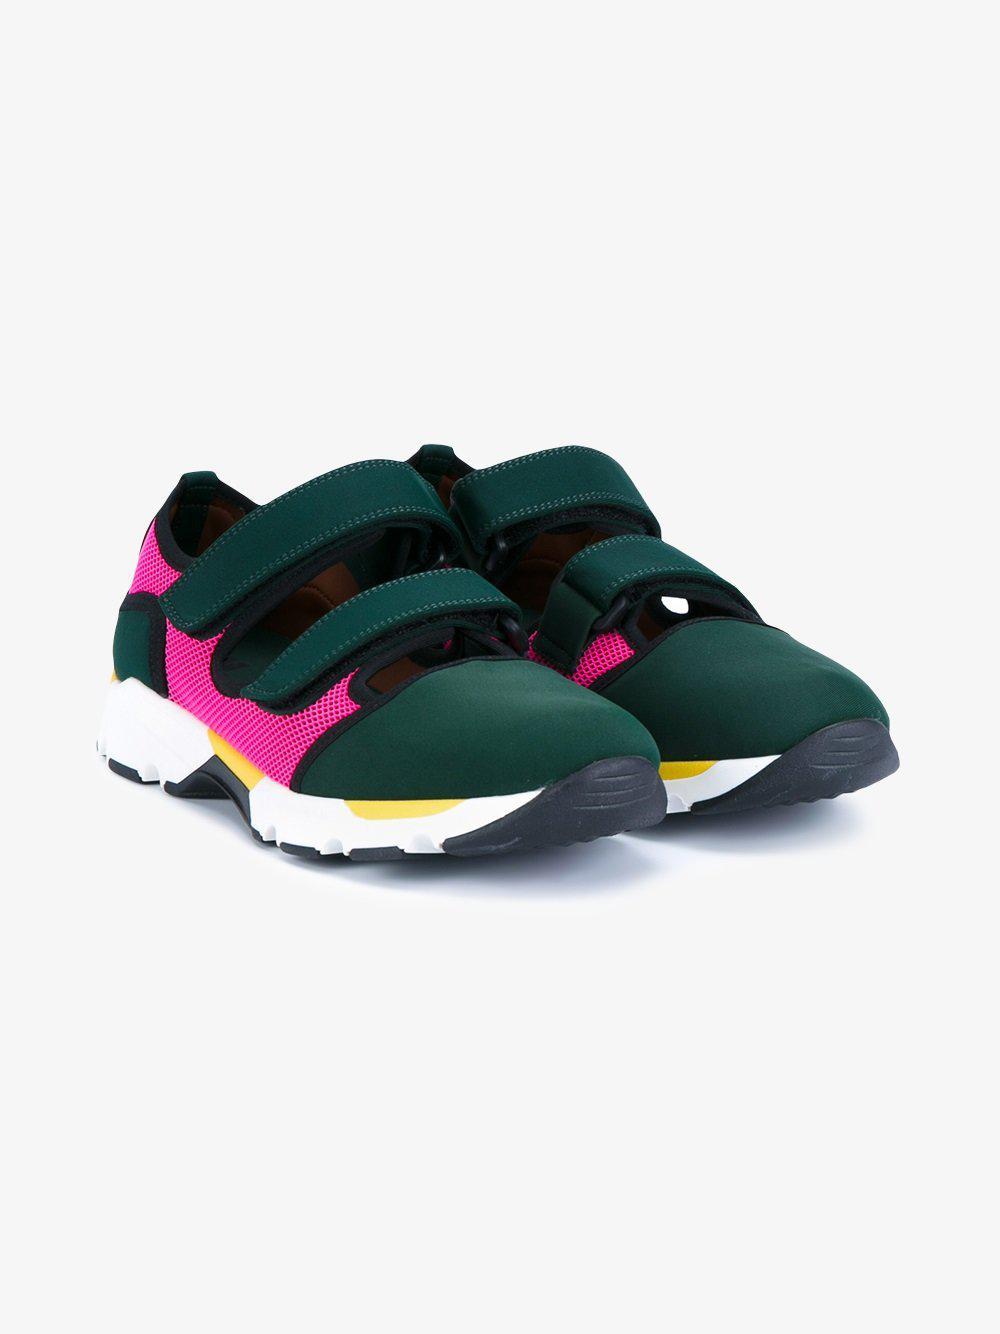 In Sneakers Fastening Lyst Marni Green qFagtP4